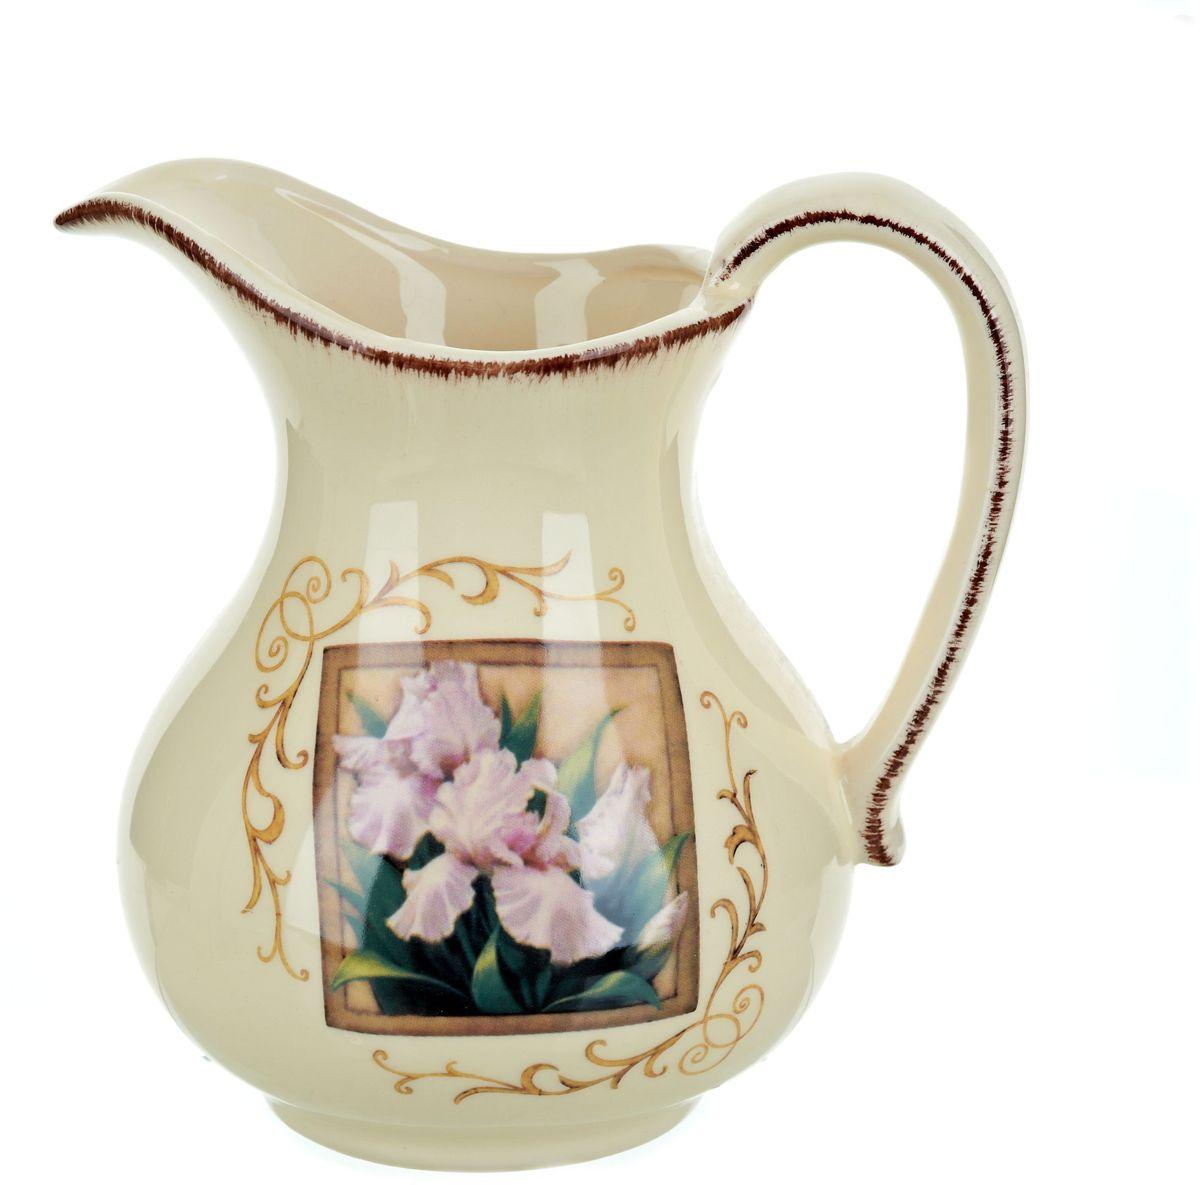 Кувшин ENS Group Розовый ирис, 1,28 лVT-1520(SR)Кувшин Розовый ирис изготовлен из высококачественной керамики, декорирован узорами и изображением ириса в рамке. Кувшин оснащен удобной ручкой. Прекрасно подходит для подачи воды, сока, компота и других напитков.В подарочной упаковке. Изящный кувшин красиво оформит стол и порадует вас элегантным дизайном и простотой ухода.